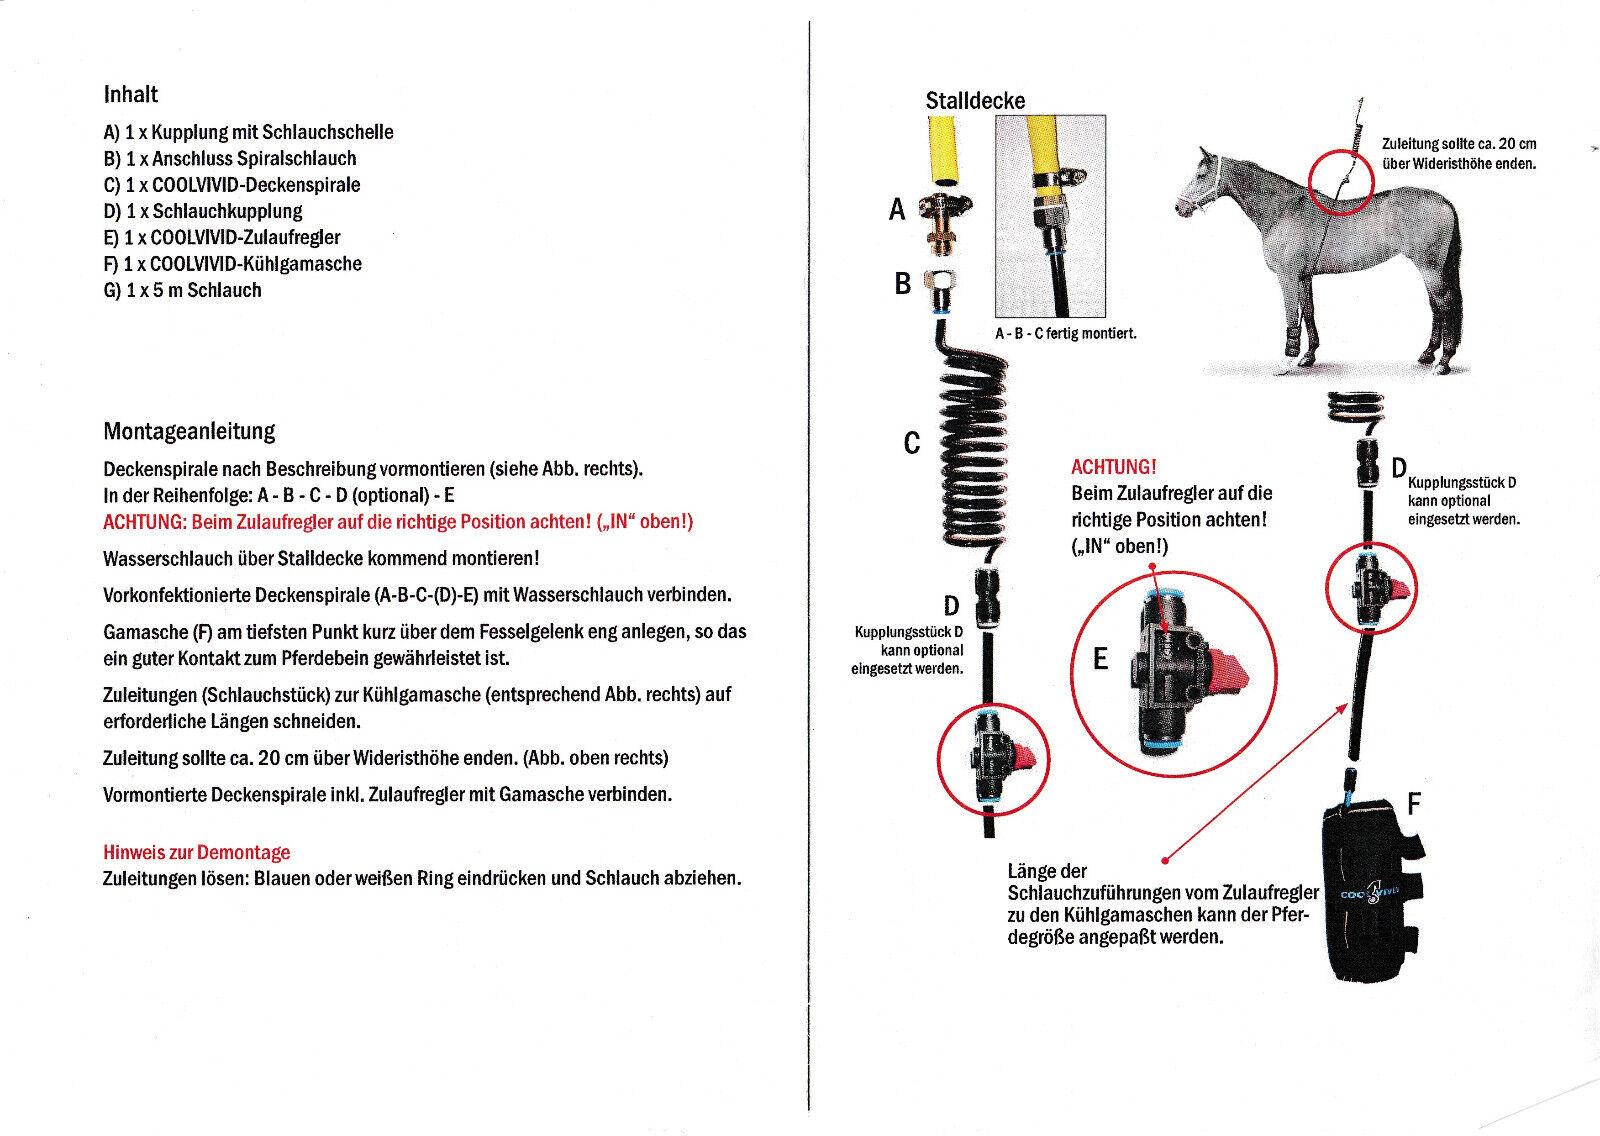 Kühlgamaschen kombinieren Kompression wirksame Kühlung mit Kompression kombinieren e8758a